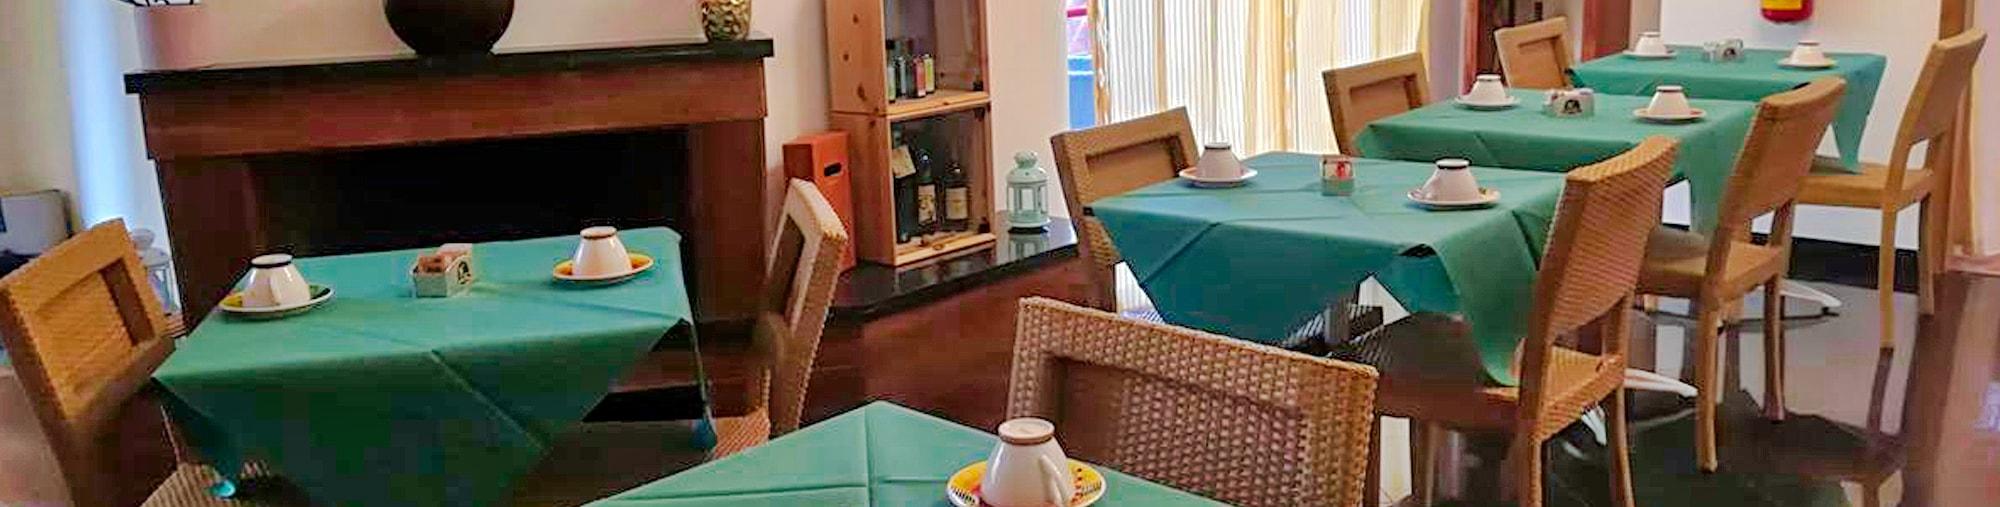 Servizi Disponibili Hotel I Colori Sant'Antioco